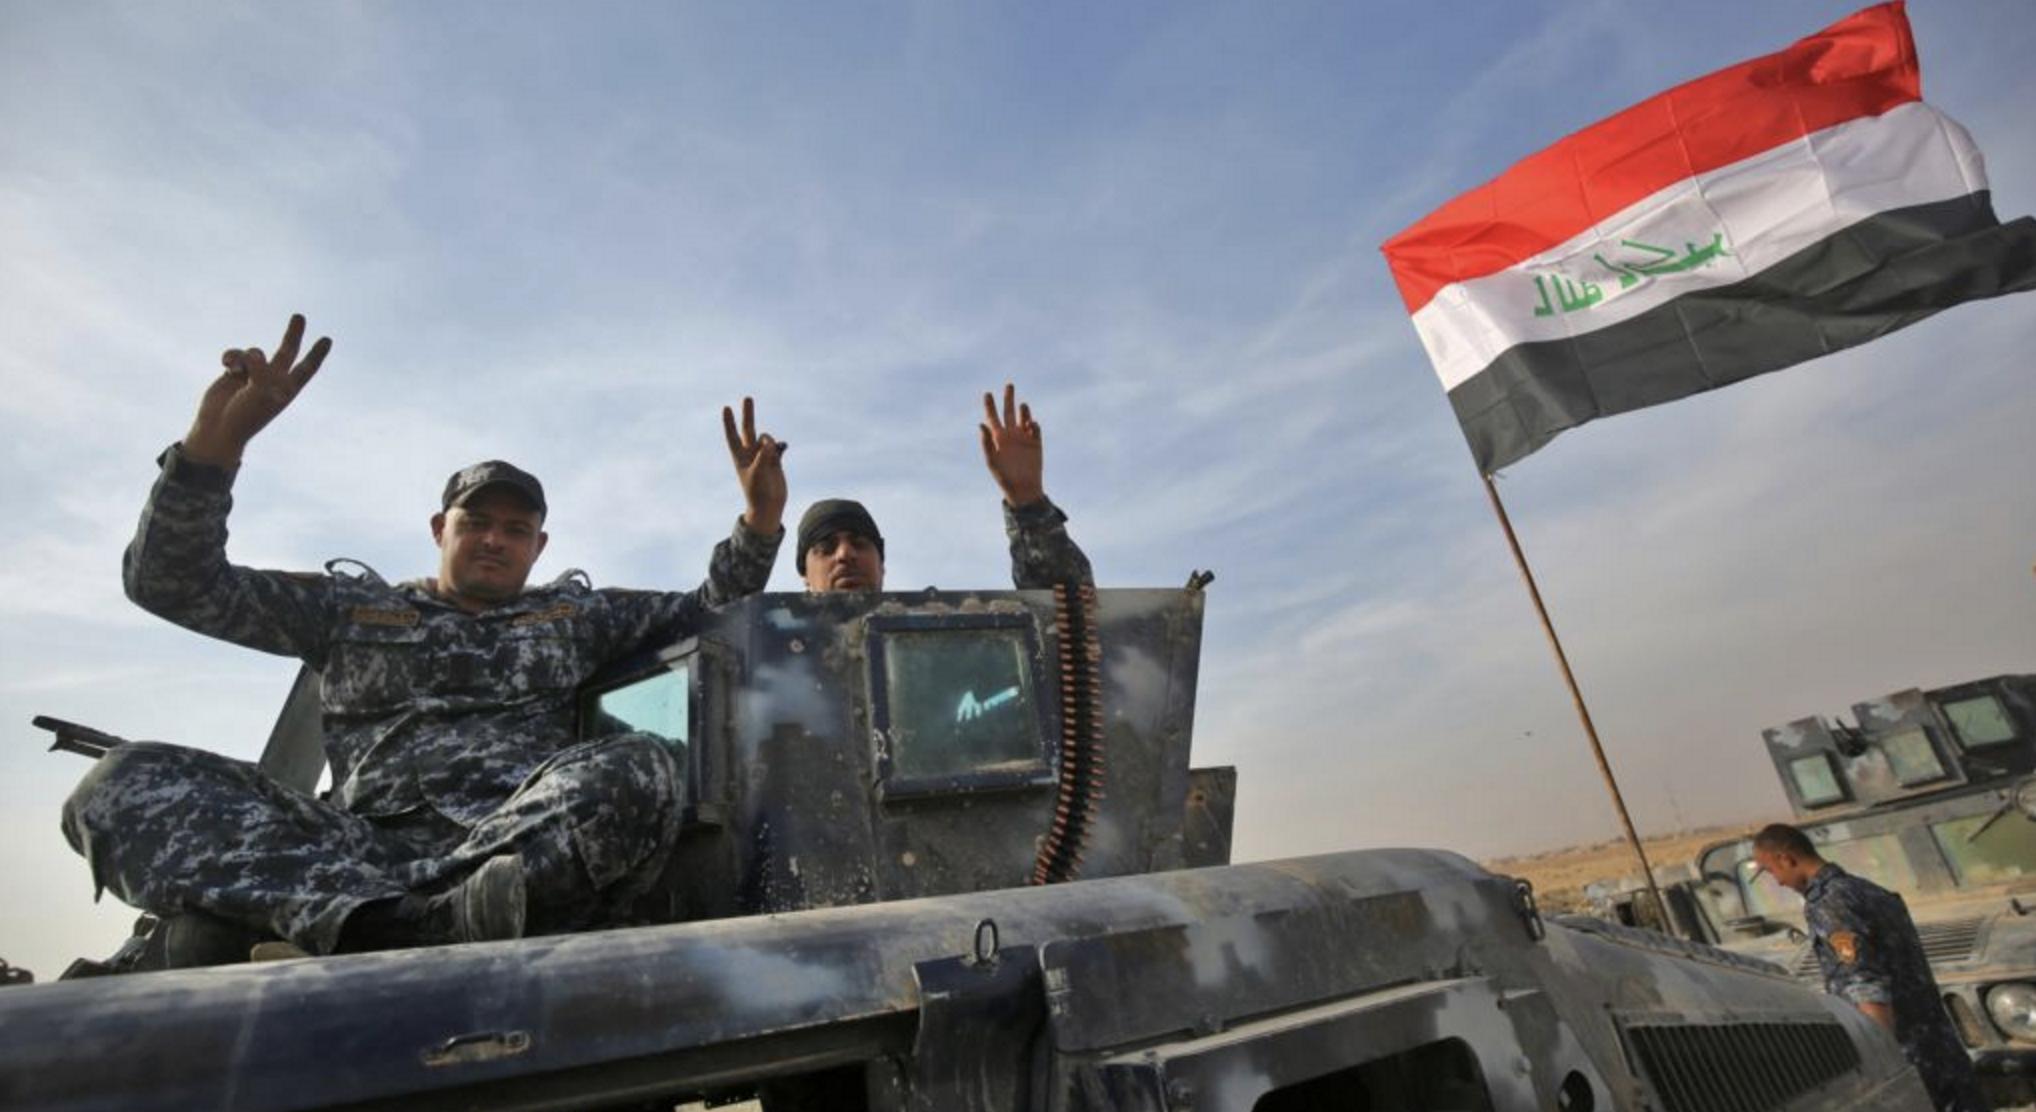 Irak ordusu, Musul'un eski şehir bölgesini almak için saldırı başlattı